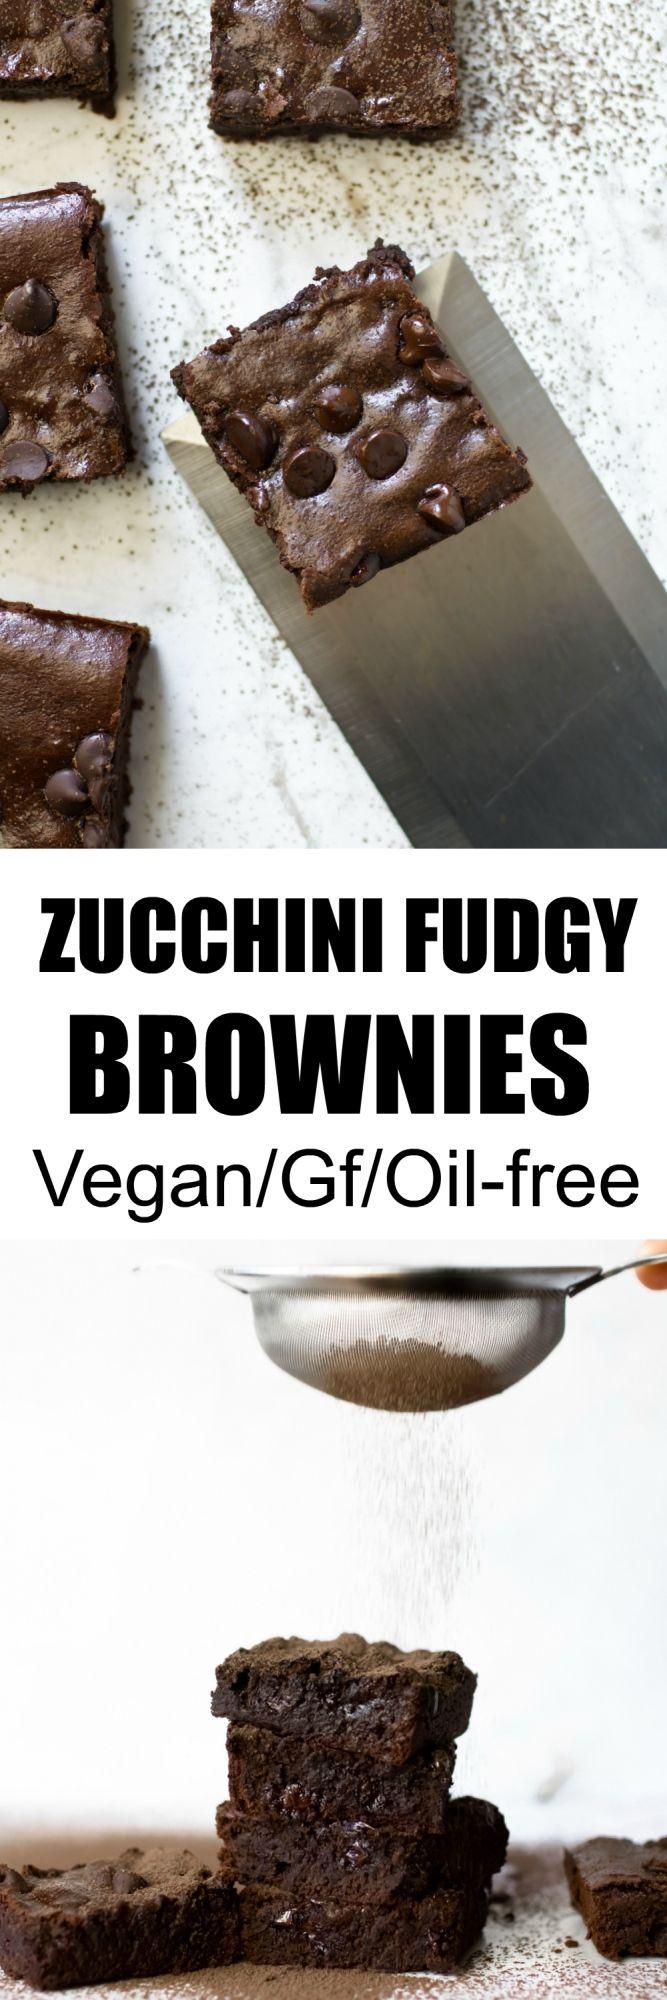 Vegan Zucchini Fudgy Brownies